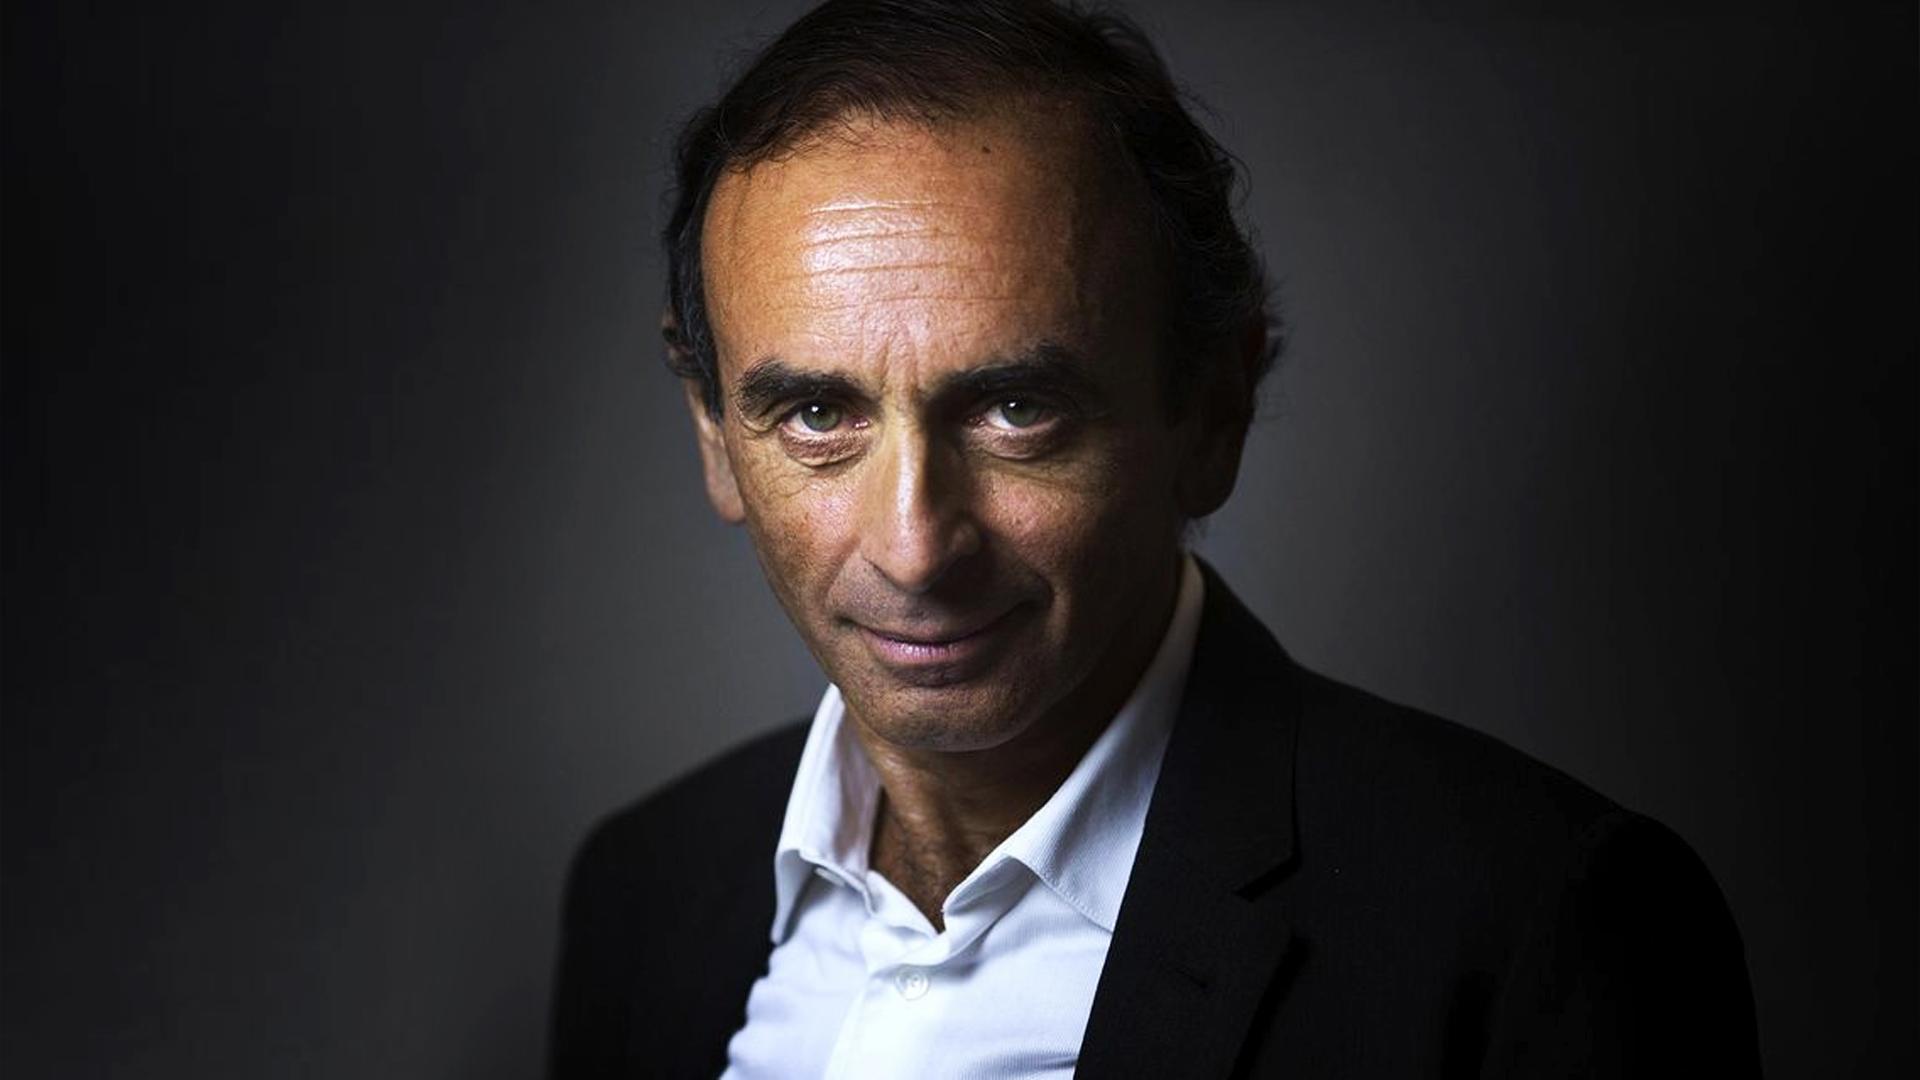 Zsidó jelölt külföldi zsidókról a francia kampányban – TEV